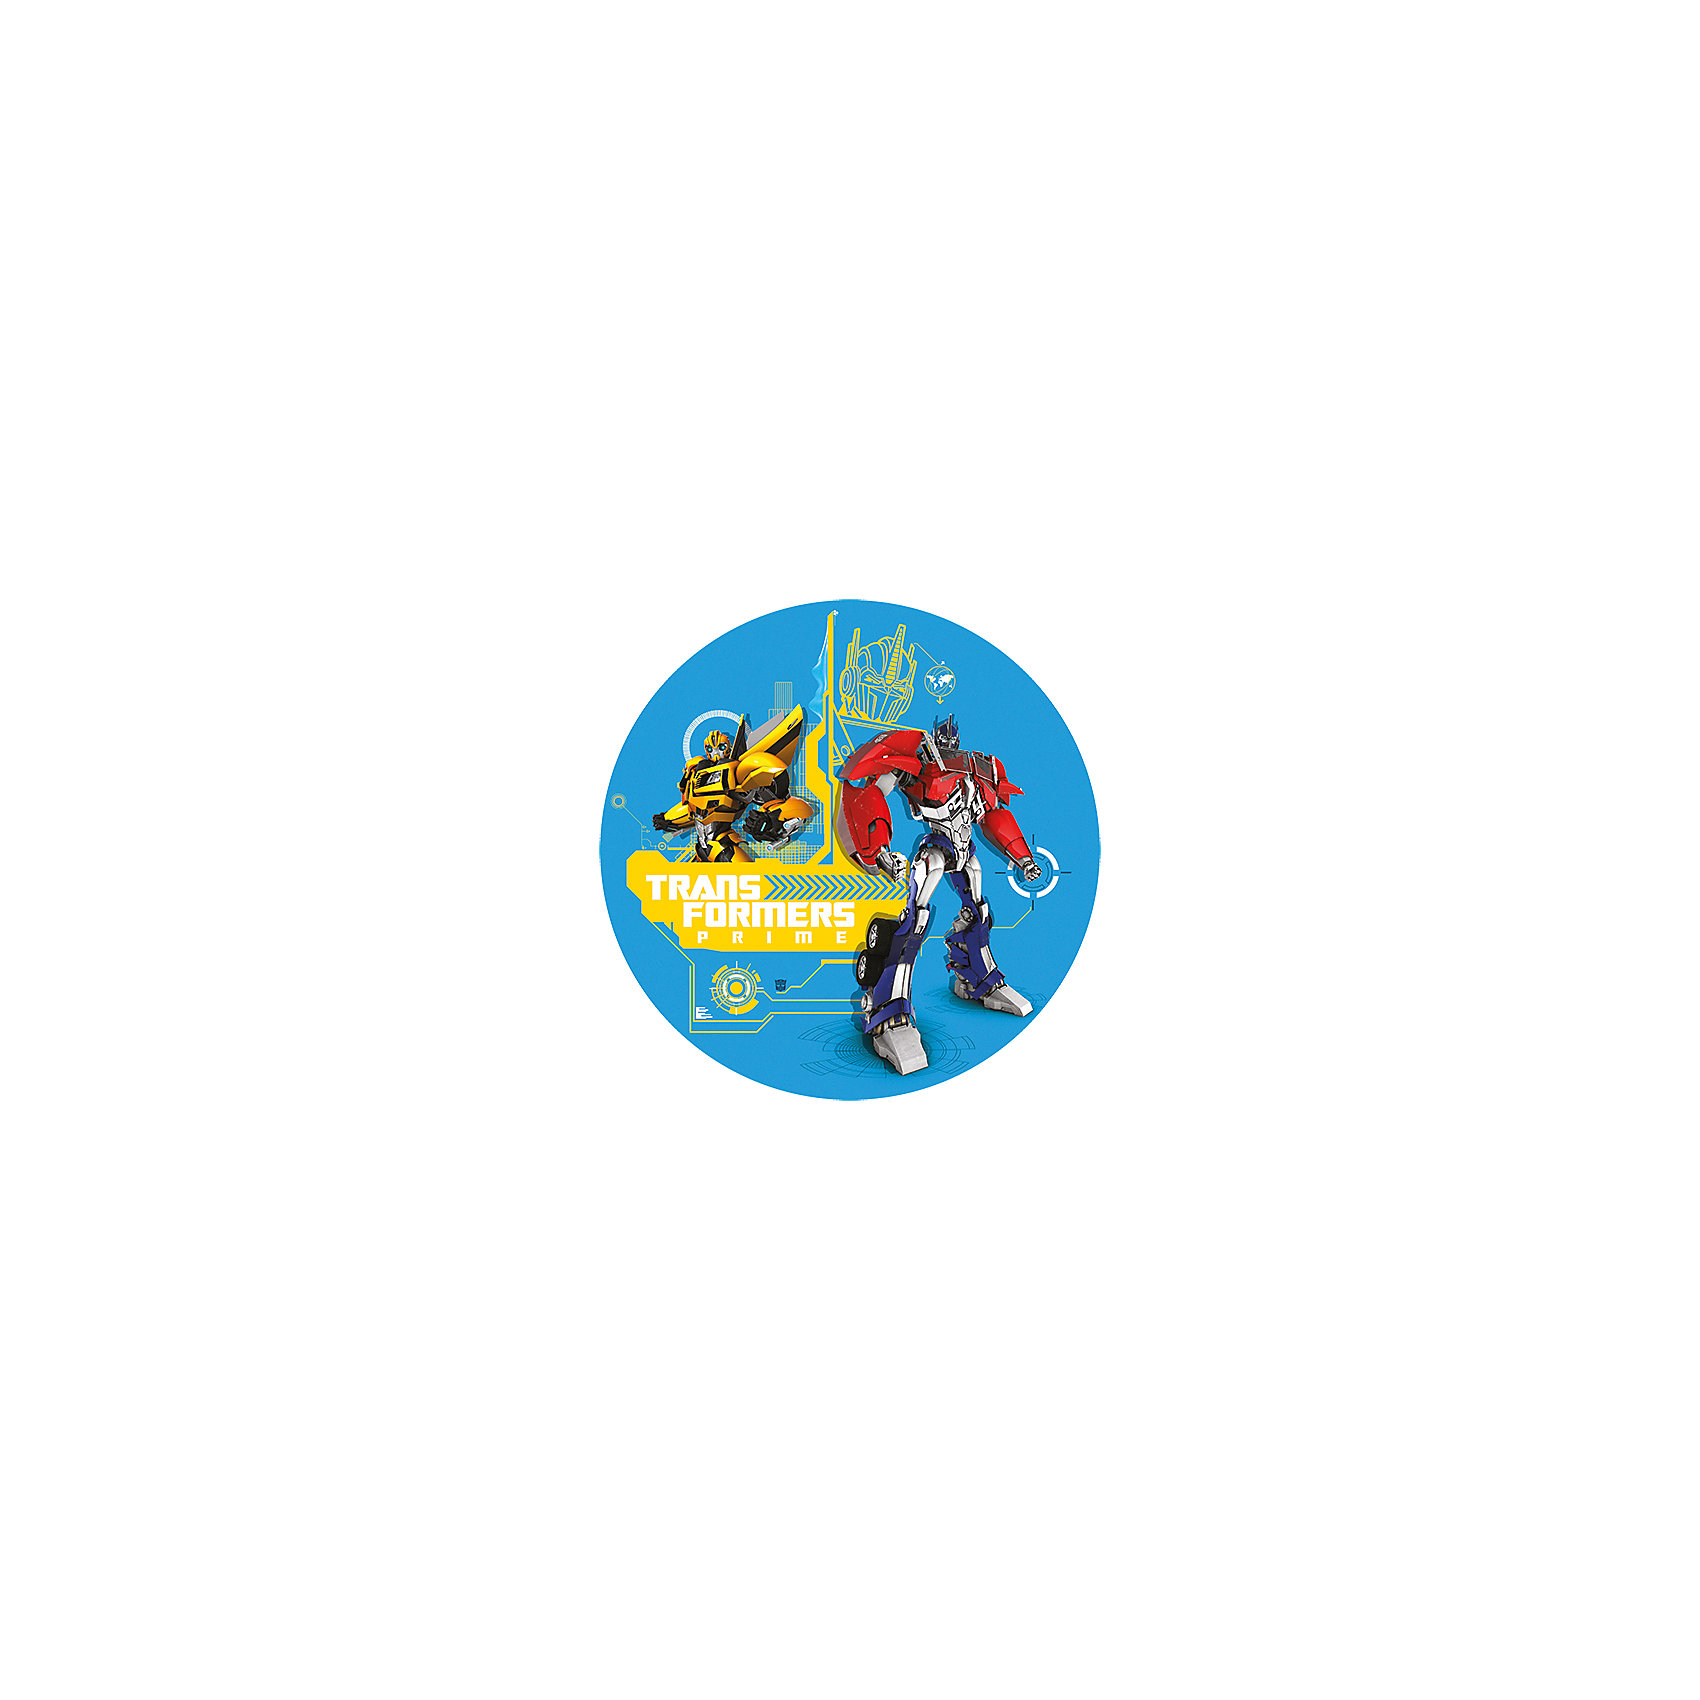 Мяч, 33 см, Трансформеры, Играем вместеМяч с изображением любимых героев - прекрасный подарок для любого ребенка! Игры с мячом  стимулируют детей к физической активности, развивают моторику, координацию, тренируют различные группы мышц. Игрушка выполнена из высококачественных материалов, в производстве которых использованы только нетоксичные, безопасные для детей красители. <br><br>Дополнительная информация:<br><br>- Материал: ПВХ.<br>- Размер d - 33 см.<br>- Цвет в ассортименте.<br>ВНИМАНИЕ! Данный артикул представлен в разных вариантах исполнения. К сожалению, заранее выбрать определенный вариант невозможно. При заказе нескольких мячей возможно получение одинаковых.<br><br>Мяч, 33 см, Трансформеры (Transformers), Играем вместе, в ассортименте, можно купить в нашем магазине.<br><br>Ширина мм: 450<br>Глубина мм: 350<br>Высота мм: 290<br>Вес г: 130<br>Возраст от месяцев: 36<br>Возраст до месяцев: 144<br>Пол: Мужской<br>Возраст: Детский<br>SKU: 4616838